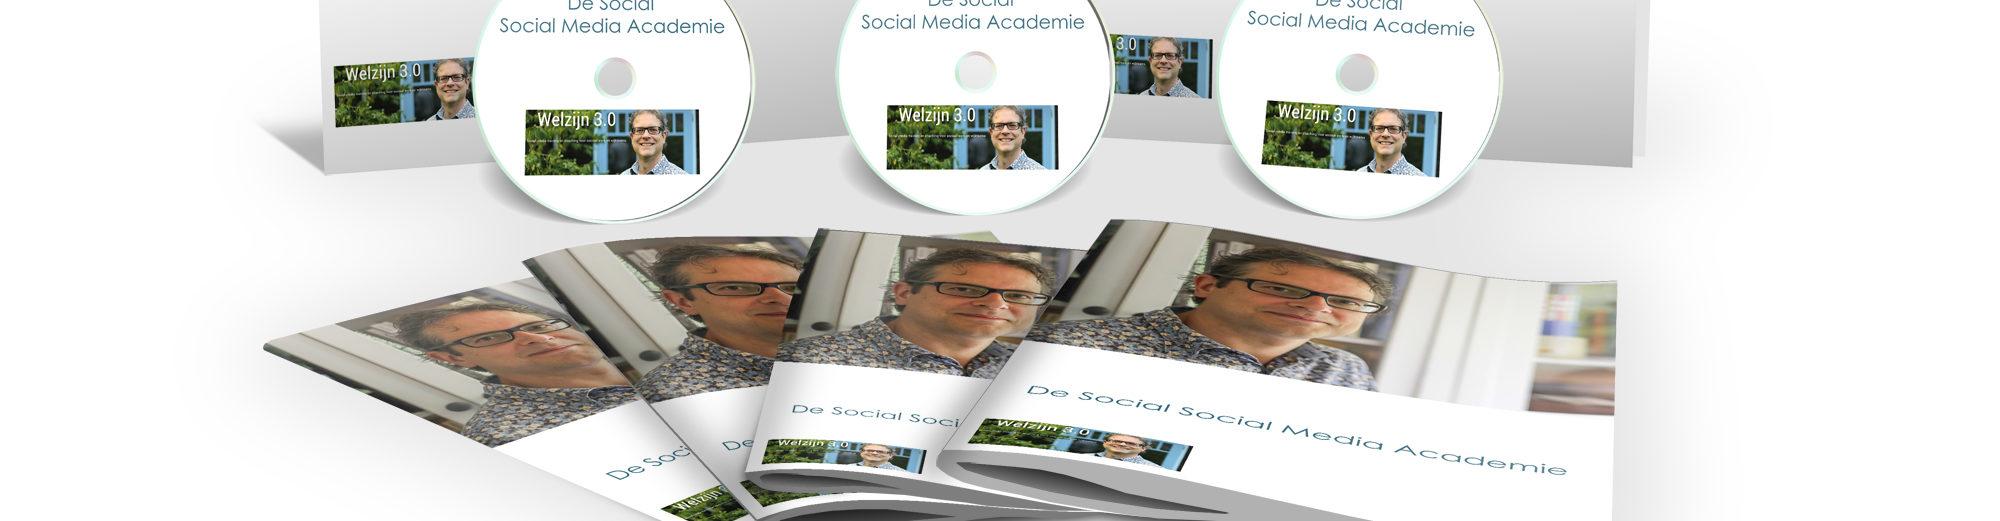 De Social Social Media Academie, van Welzijn 3.0